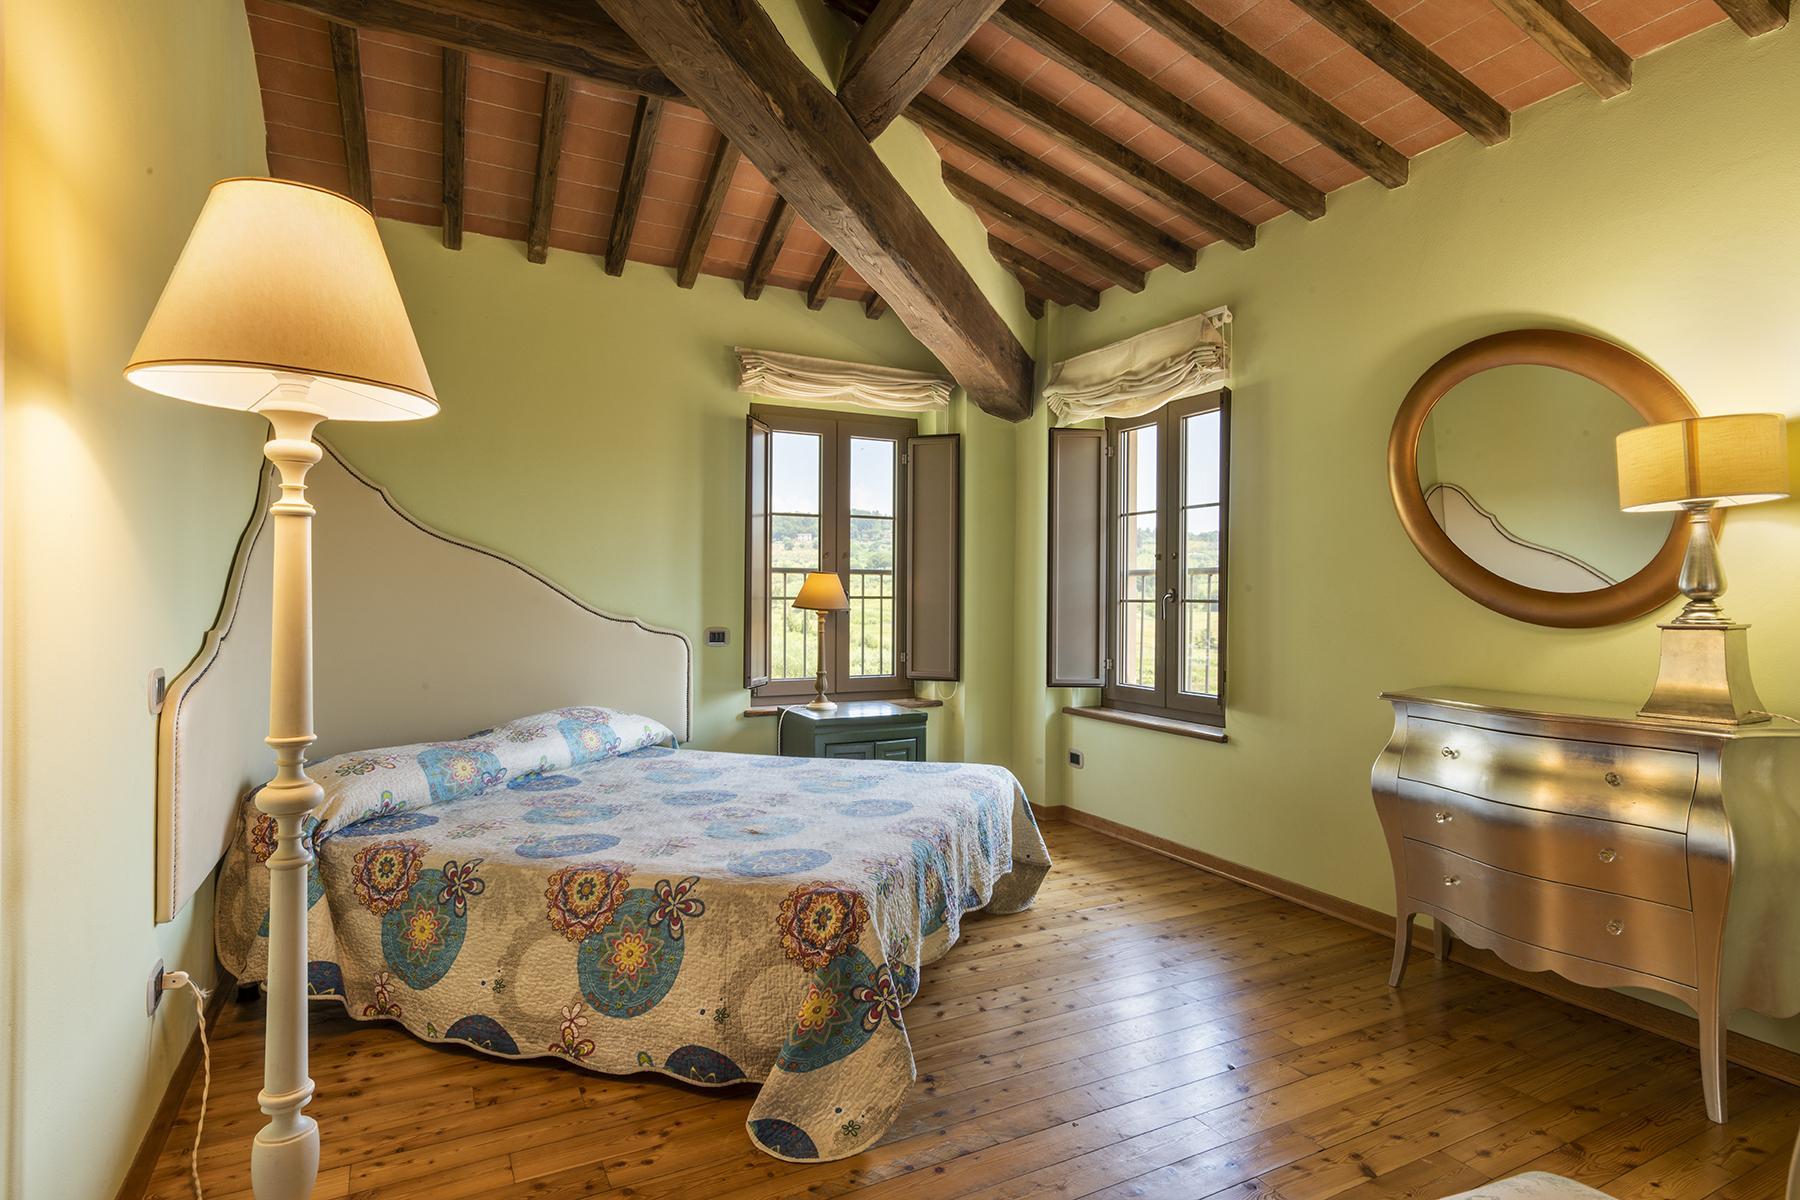 Luxus-Bauernhaus mit Stall in Toskana - 3